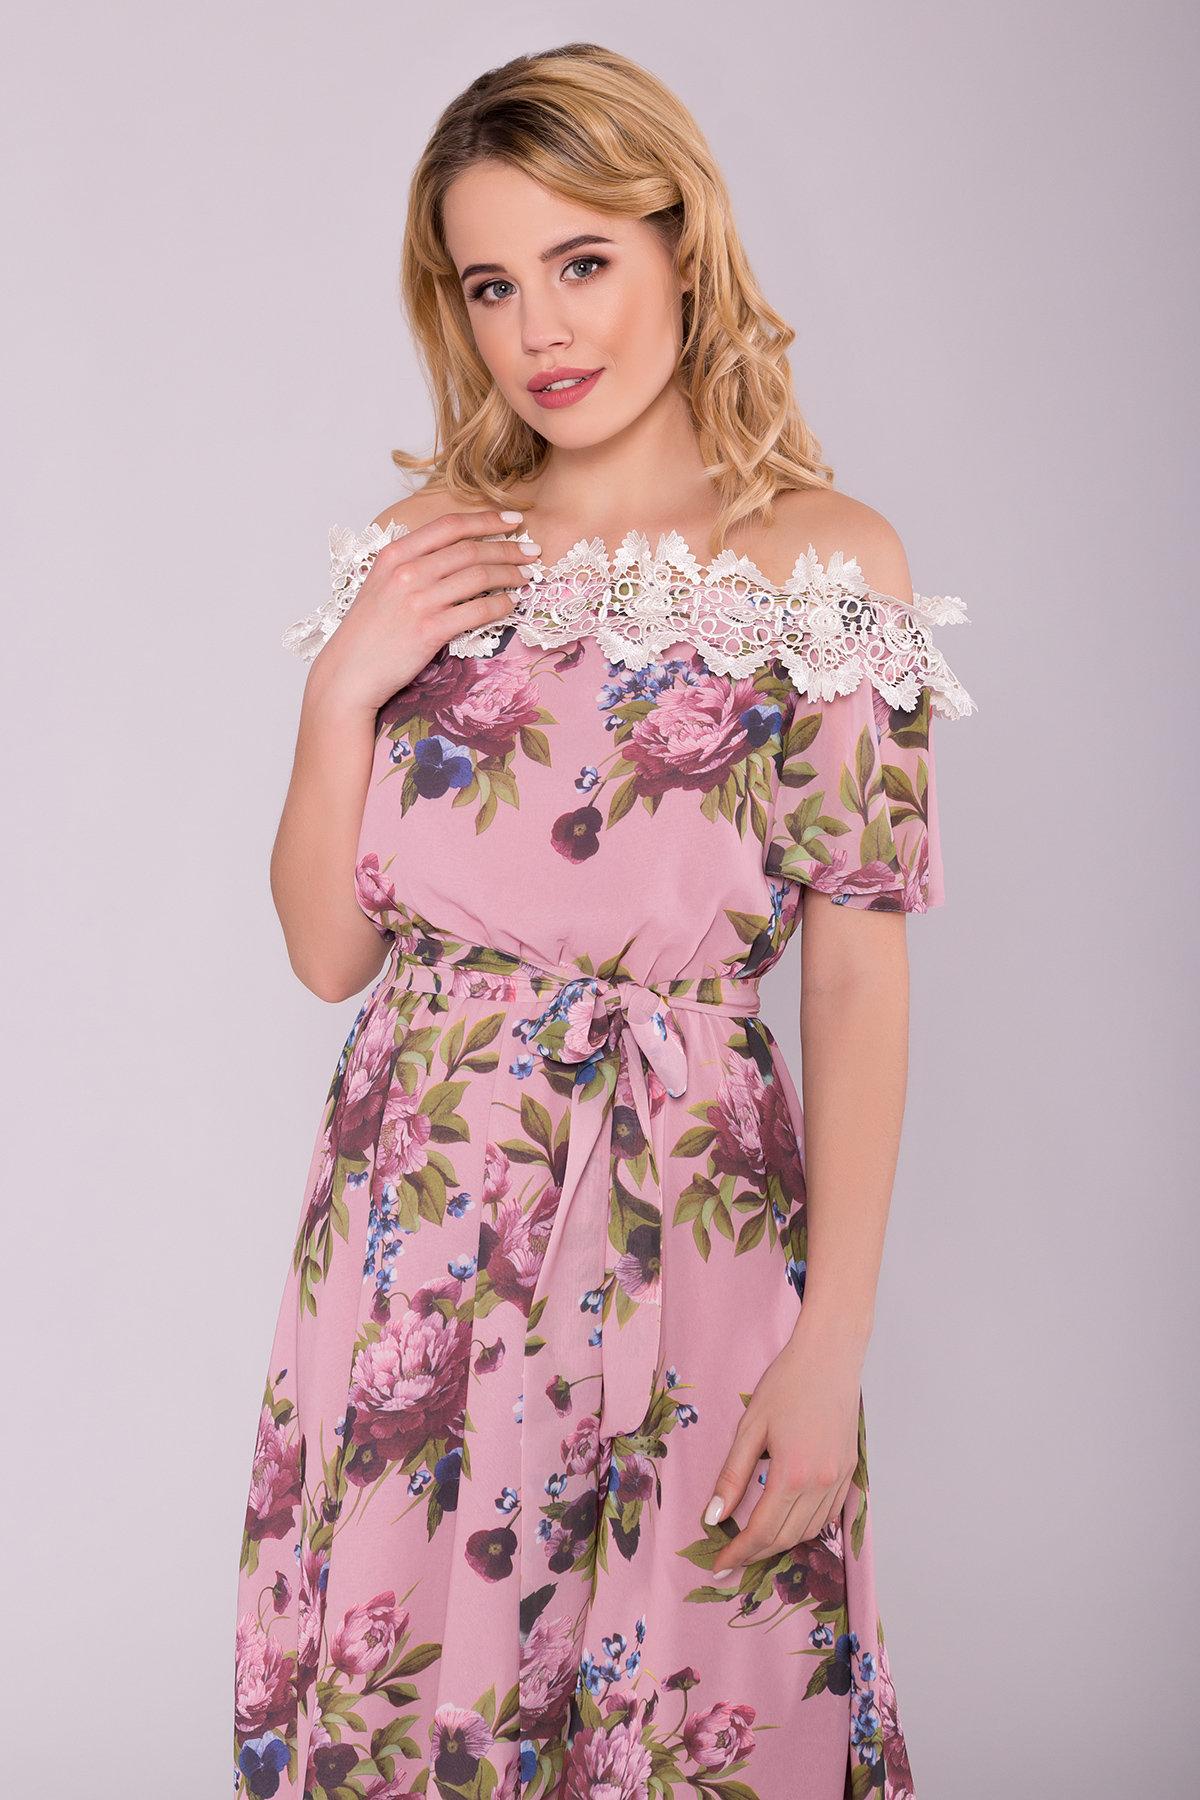 Платье Маргарет 6924 АРТ. 42294 Цвет: Пудра Пионы - фото 4, интернет магазин tm-modus.ru